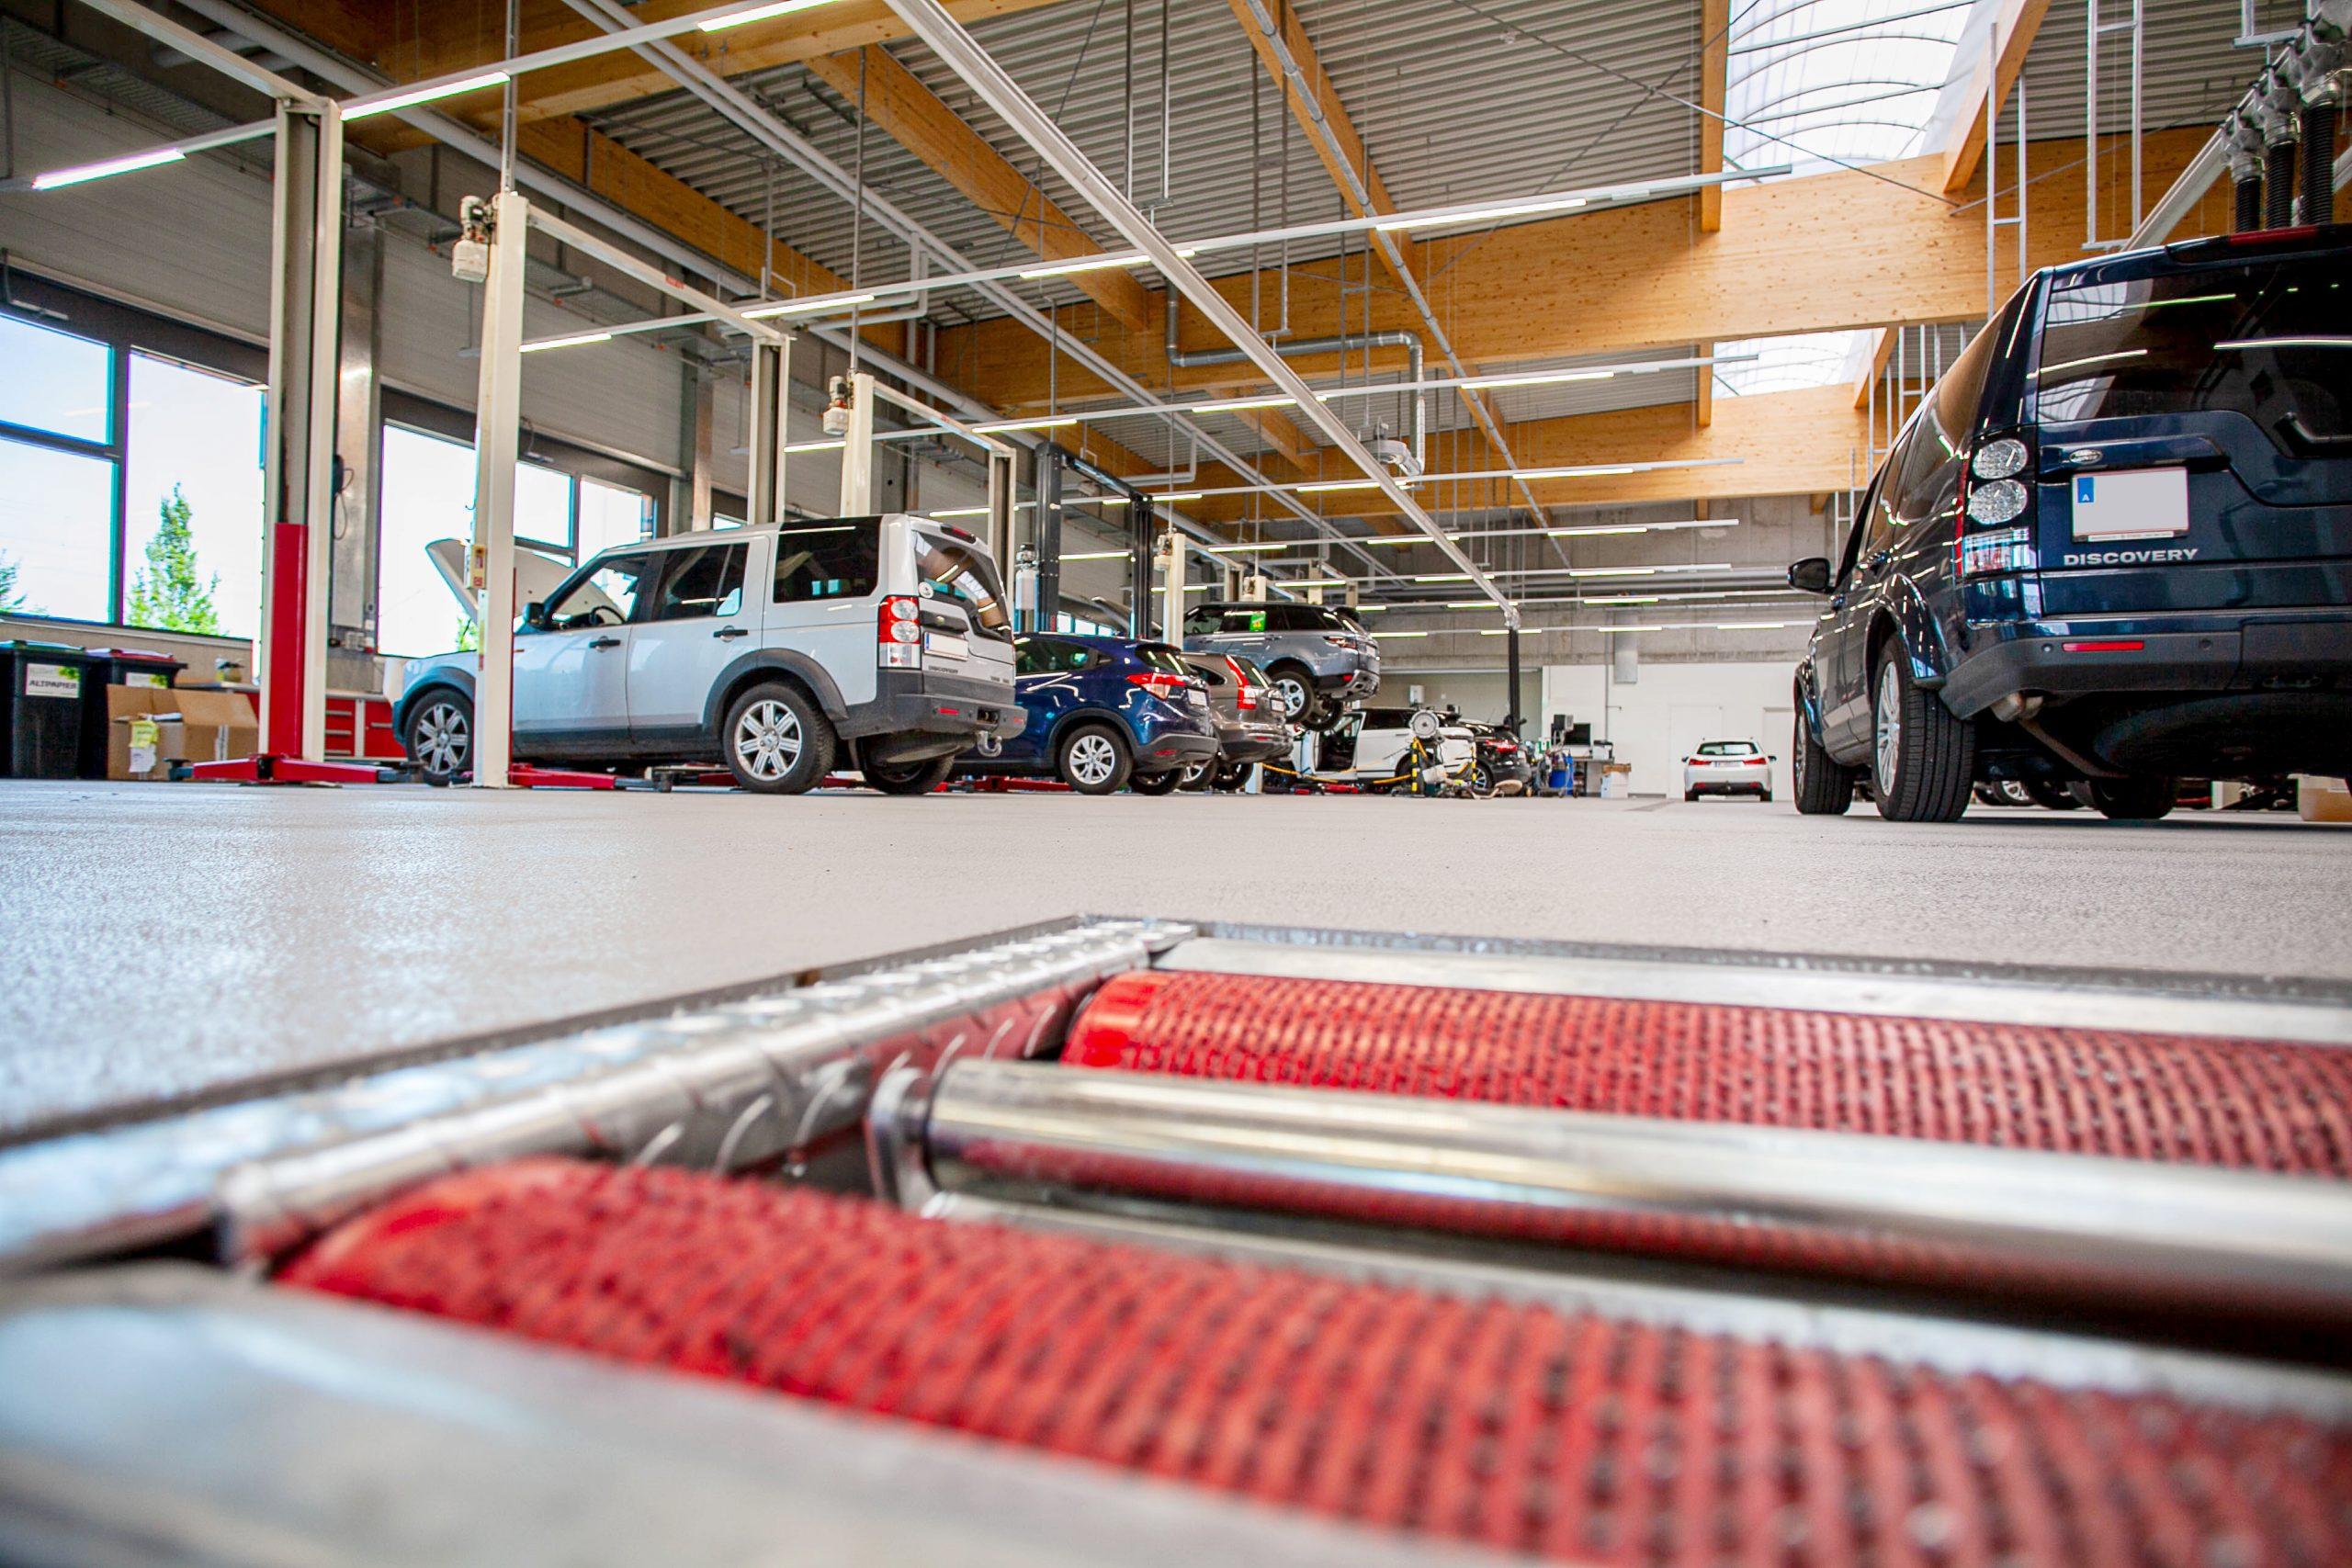 Auto Stahl Wien 22, Schillingstraße 4, 1220 Wien